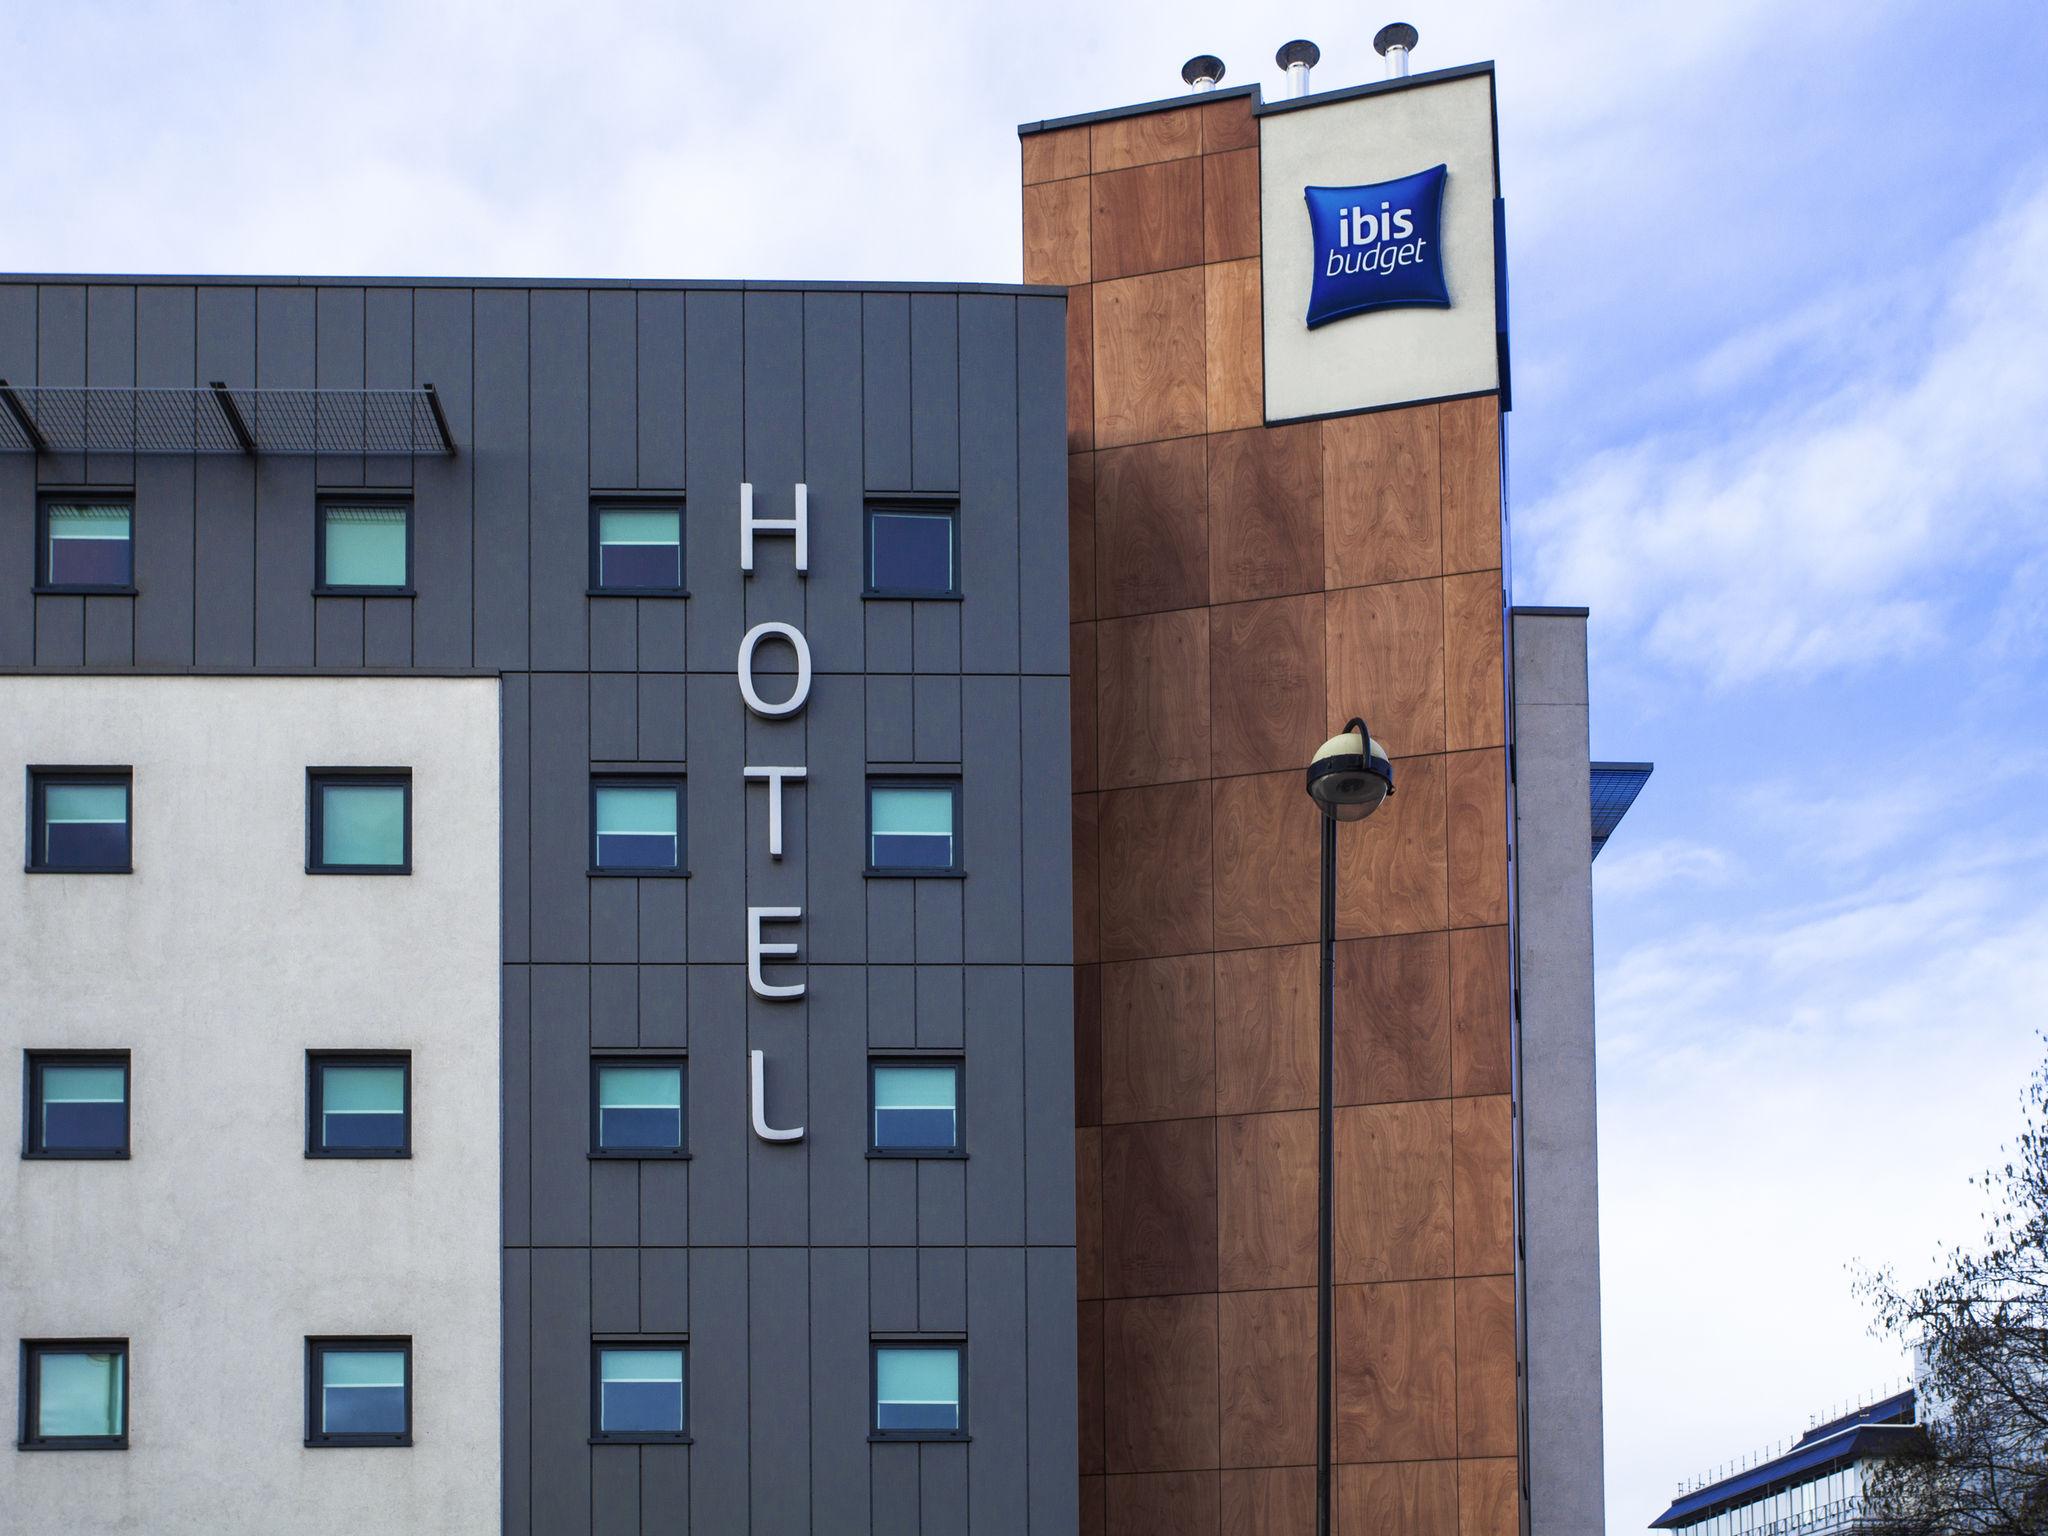 ホテル – イビスバジェットロンドンハウンズロー